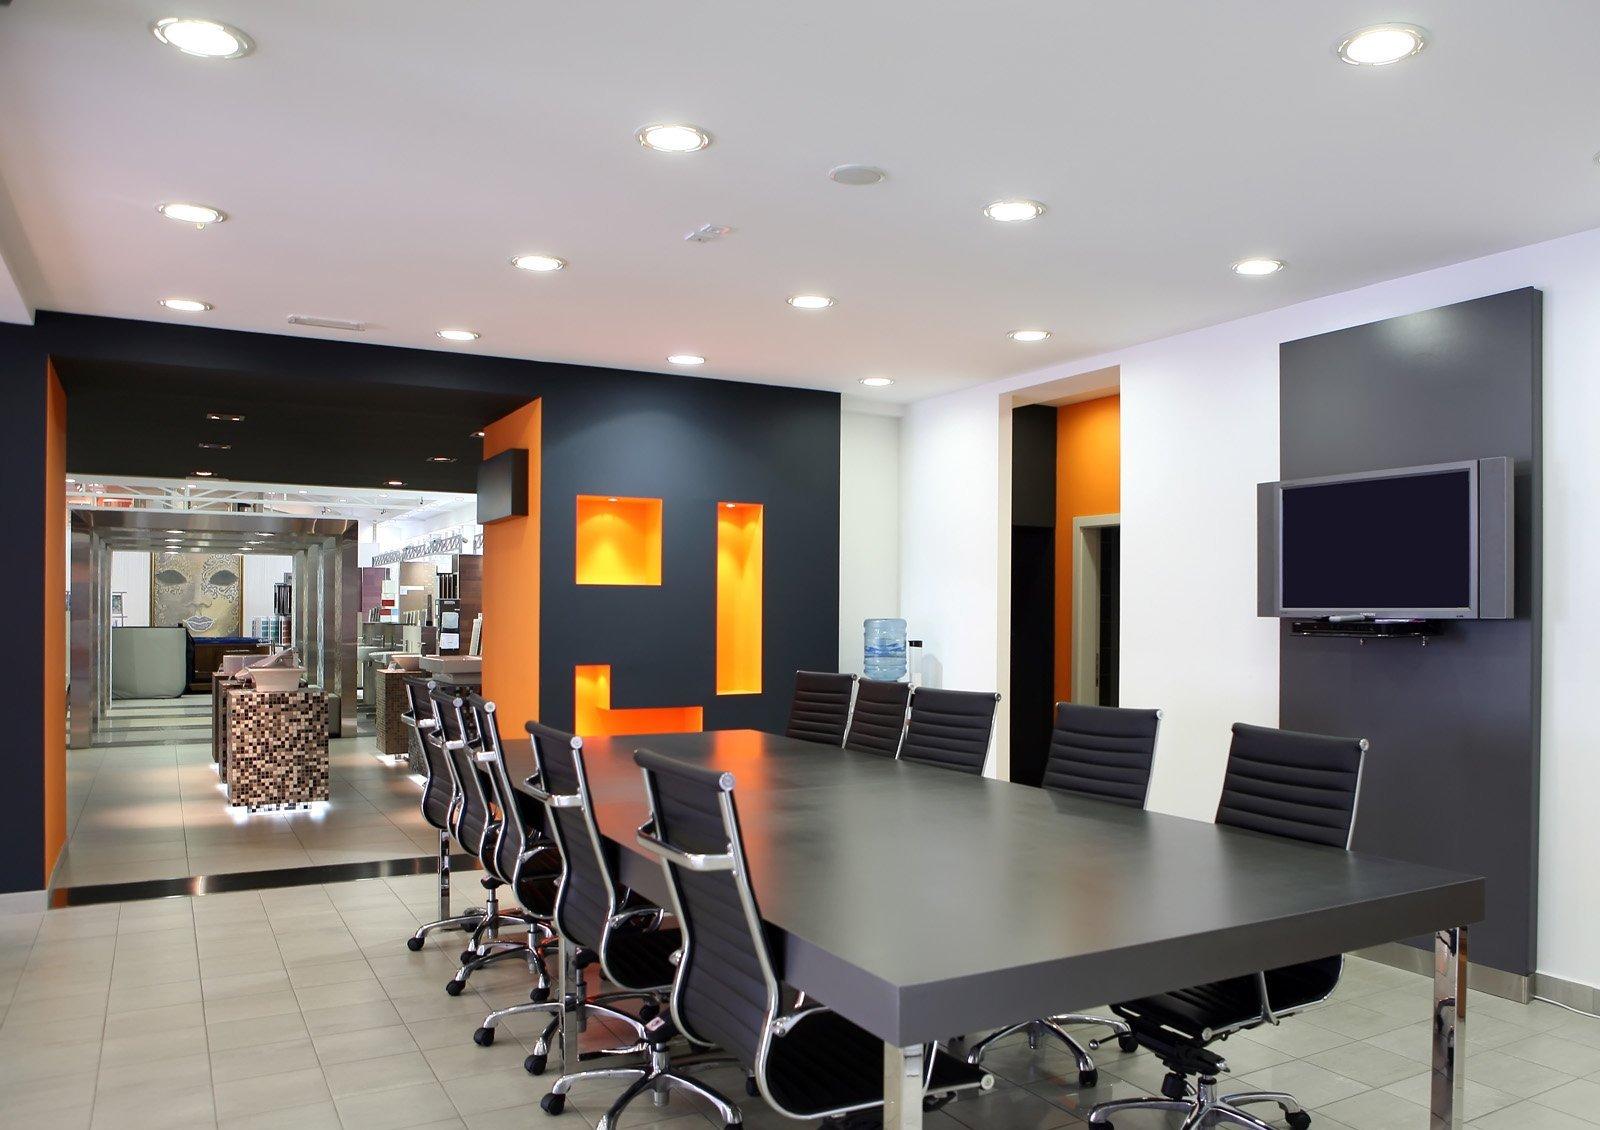 office interior design (20)